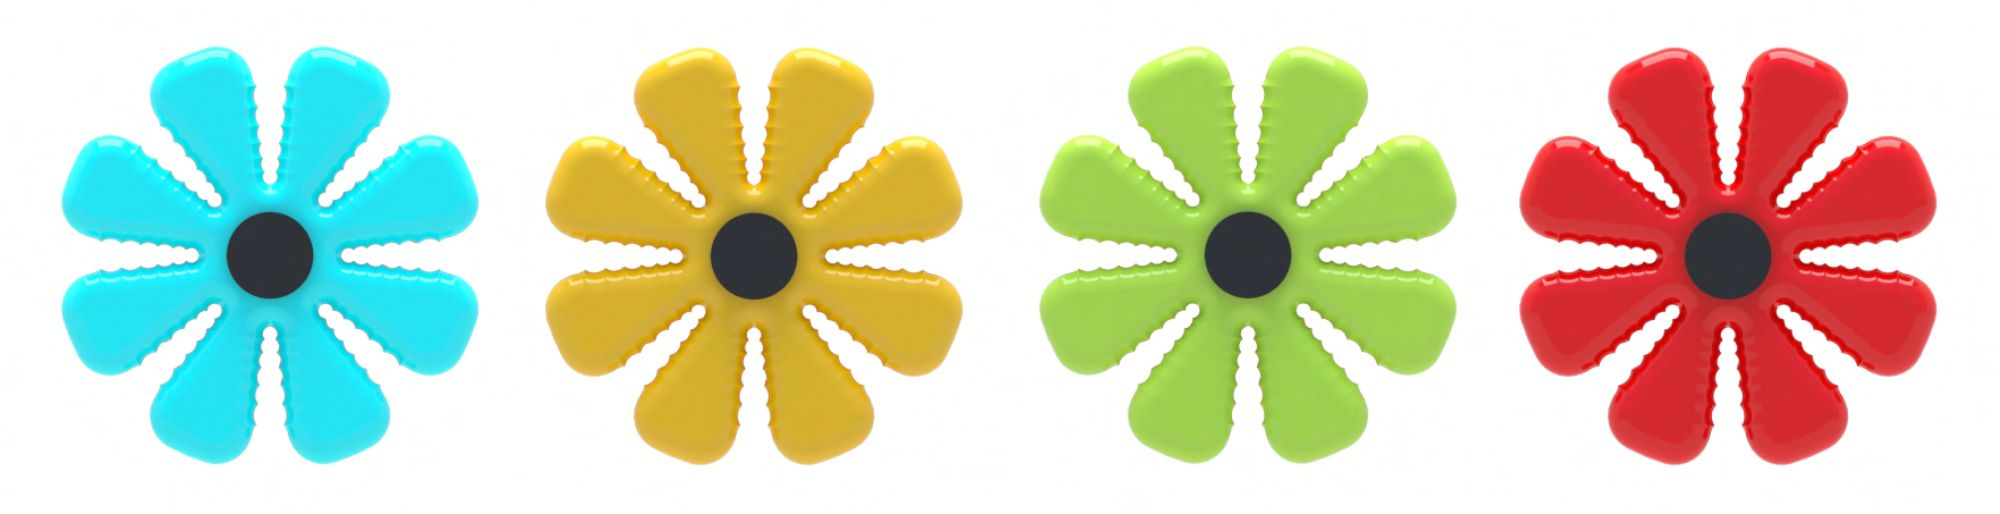 flower 1_1